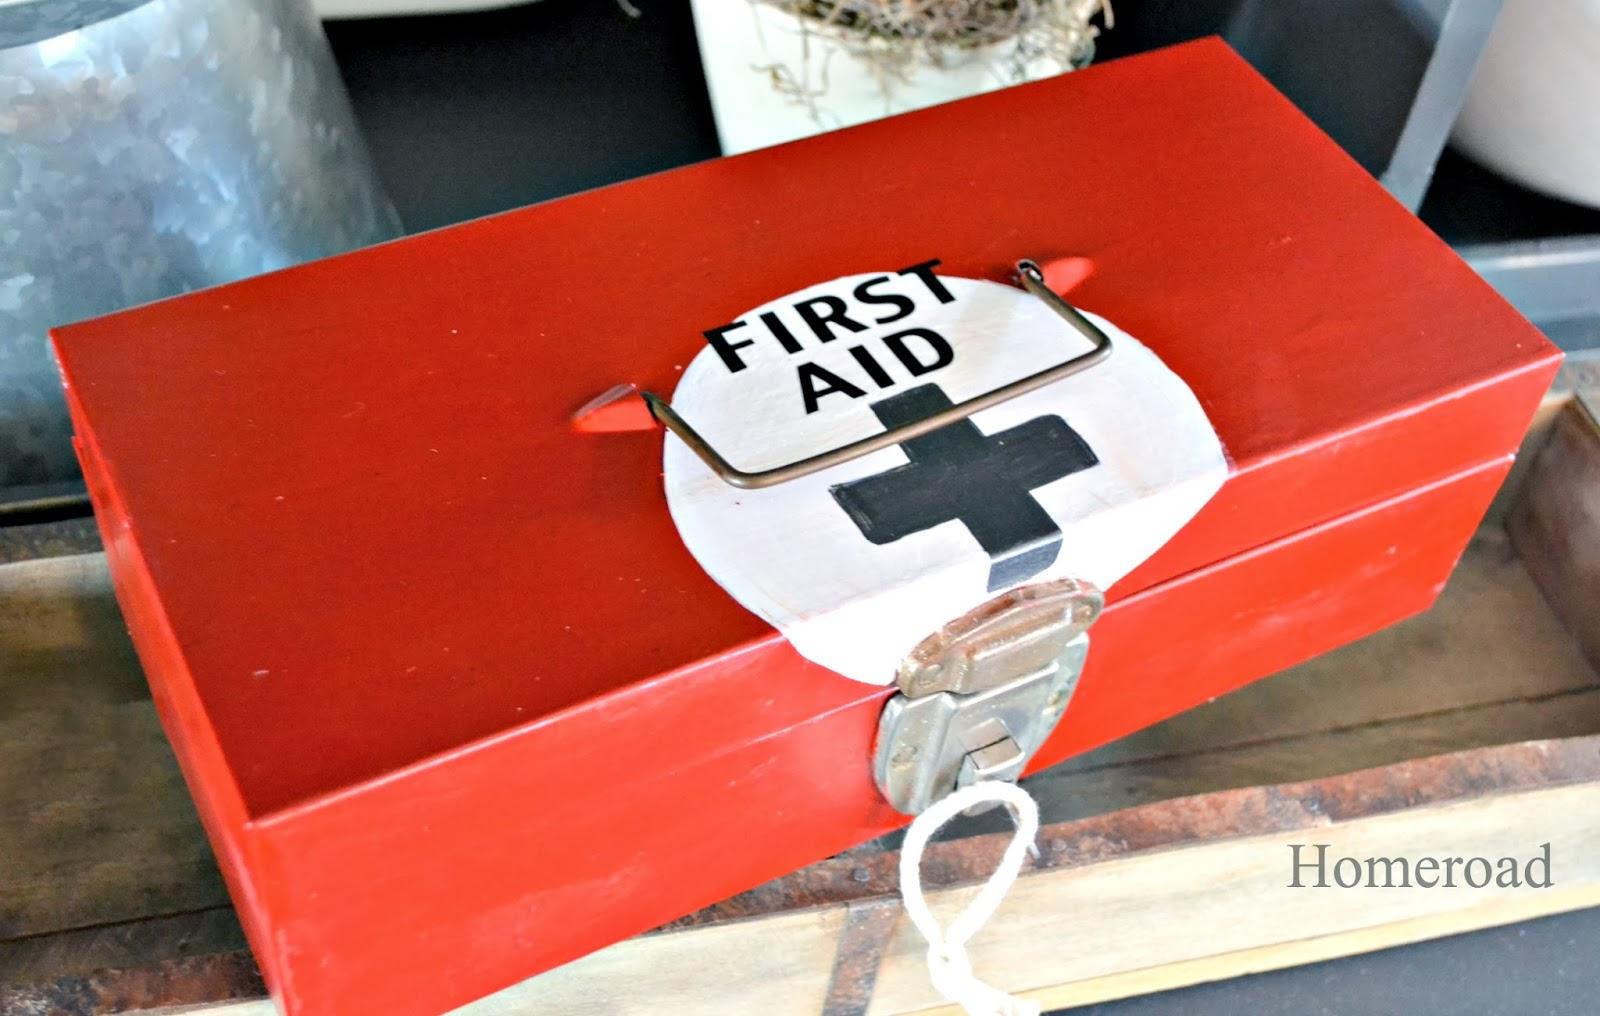 metal first aid box www.homeroad.net